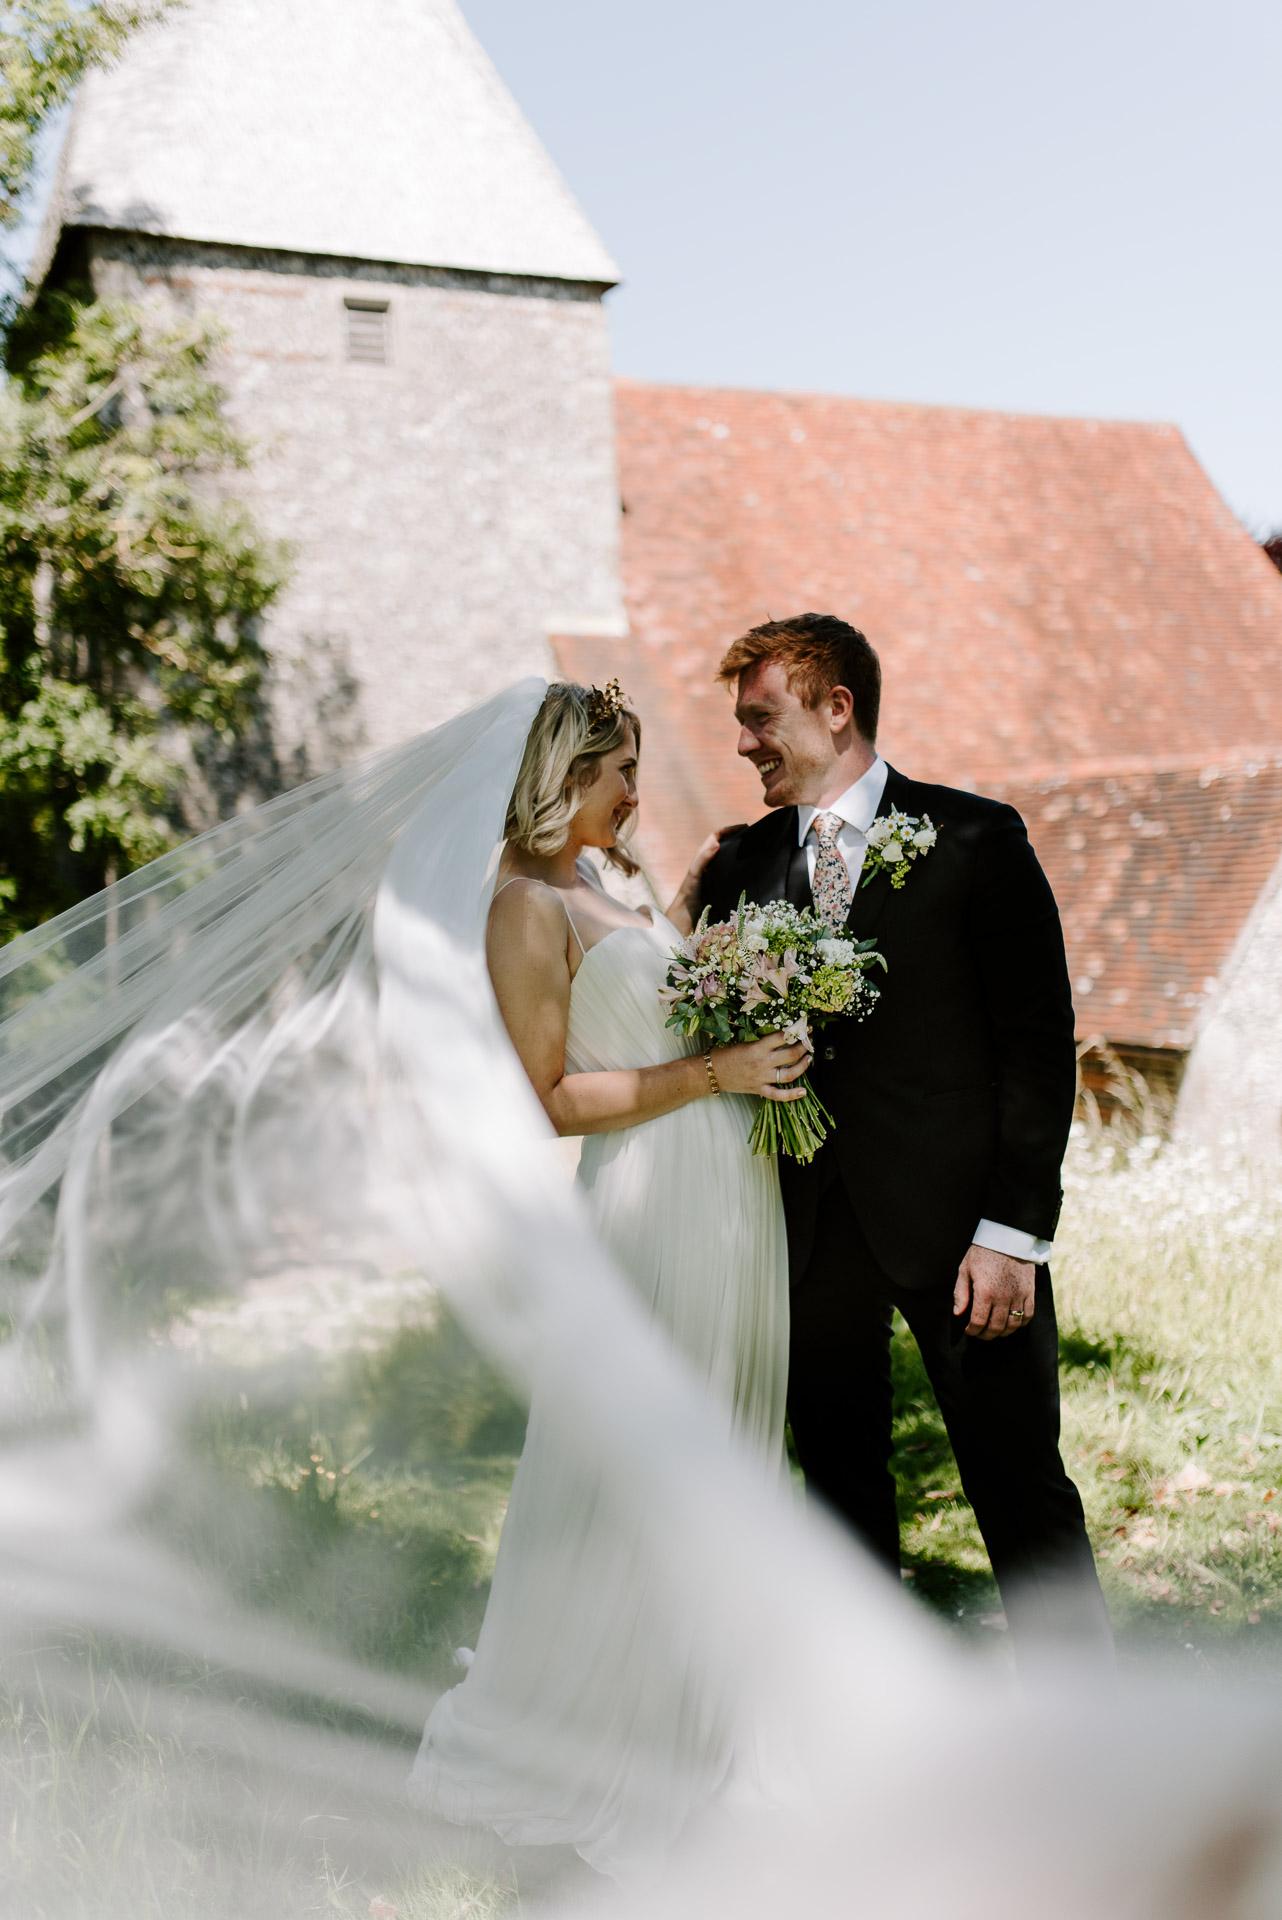 Henny_Jamie_East Sussex_Wedding_33.jpg